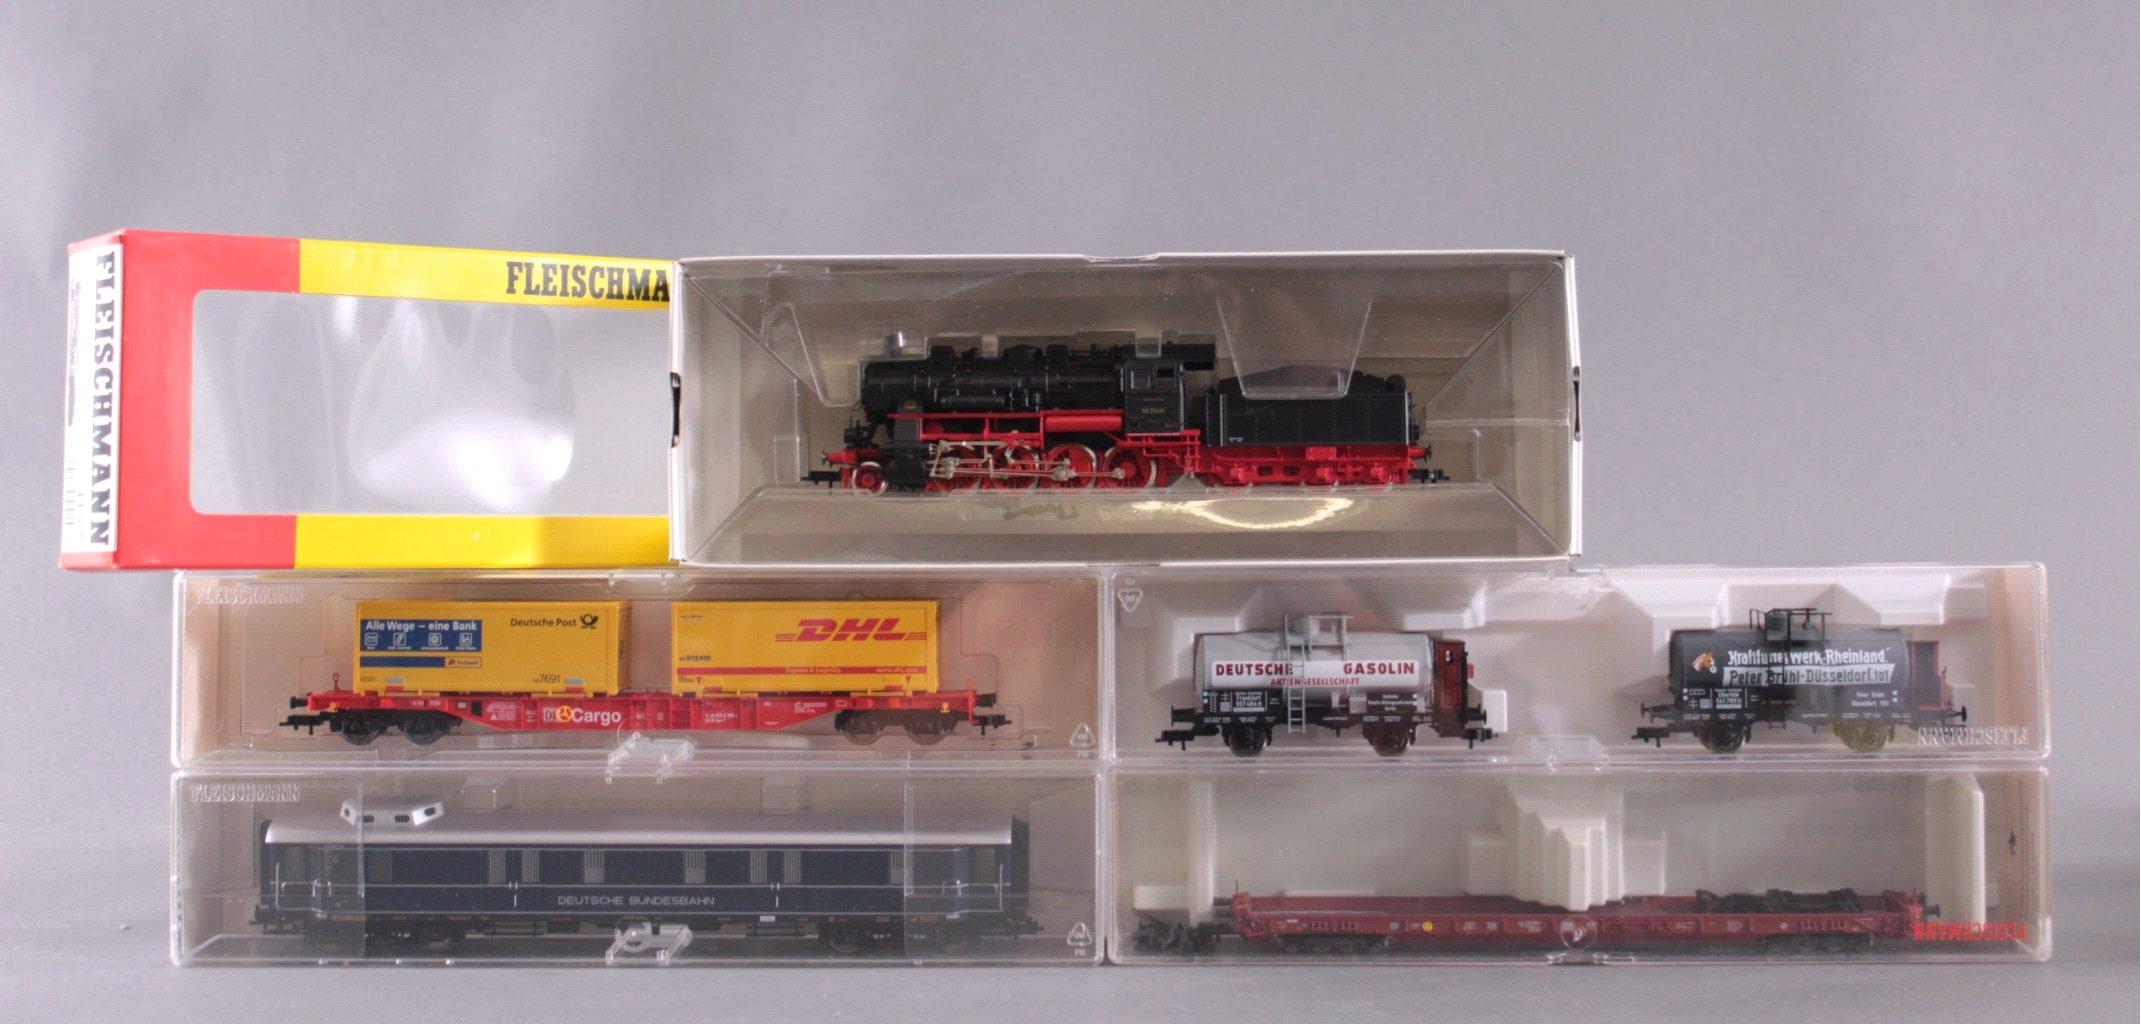 Fleischmann Dampf-Lok 4157 Spur H0 und 5 Güterwaggons